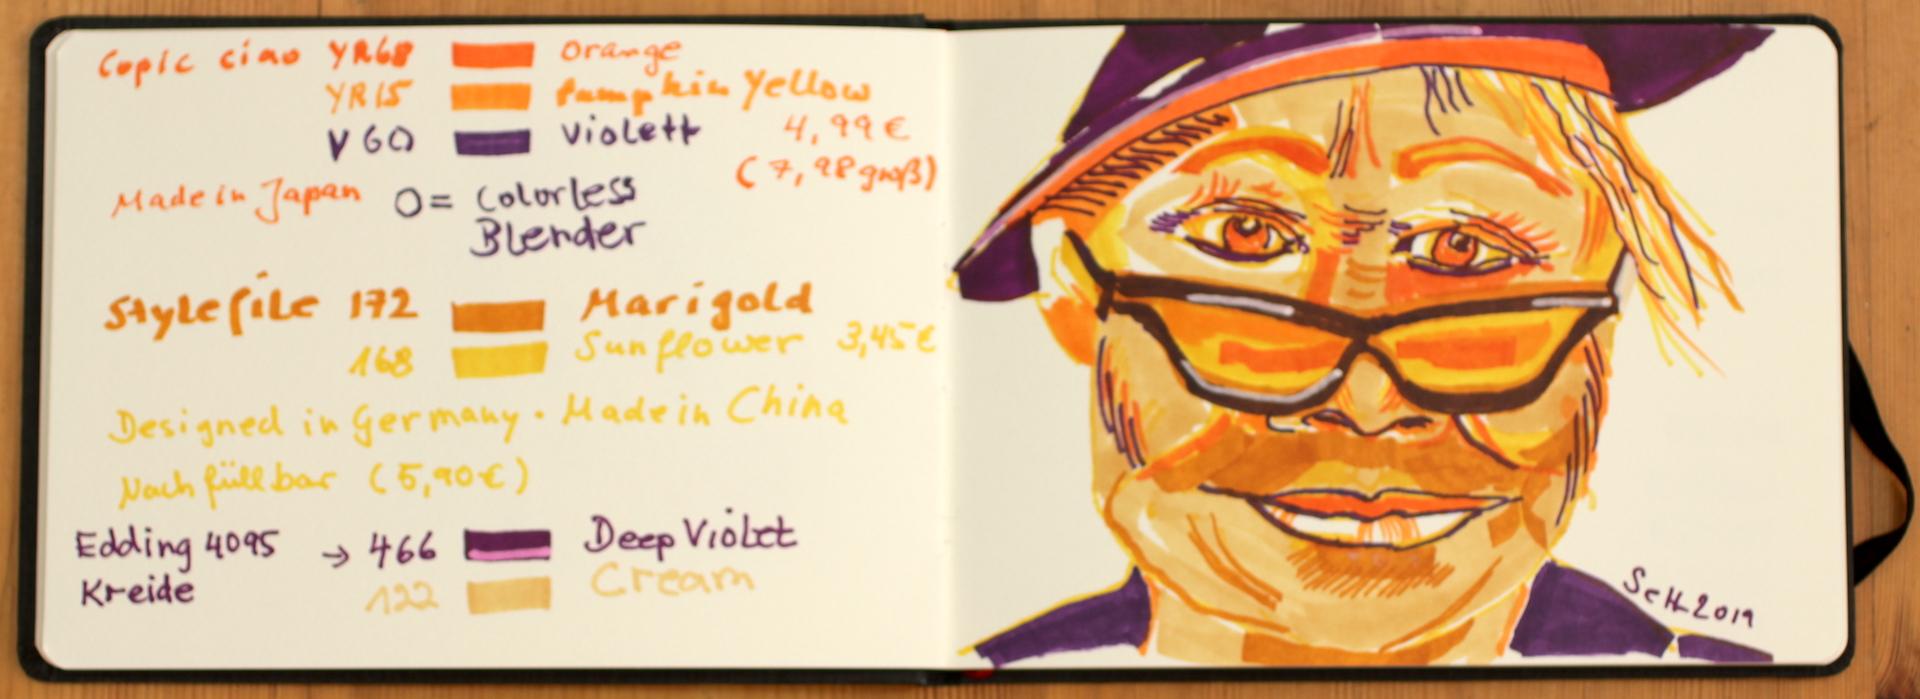 Vorübung zu Yoko Ono, wasserloeslicher und permanente Marker Marker in Hahnemuehle Watercolour Book, Zeichnung von Susanne Haun (c) VG Bild-Kunst, Bonn 2019